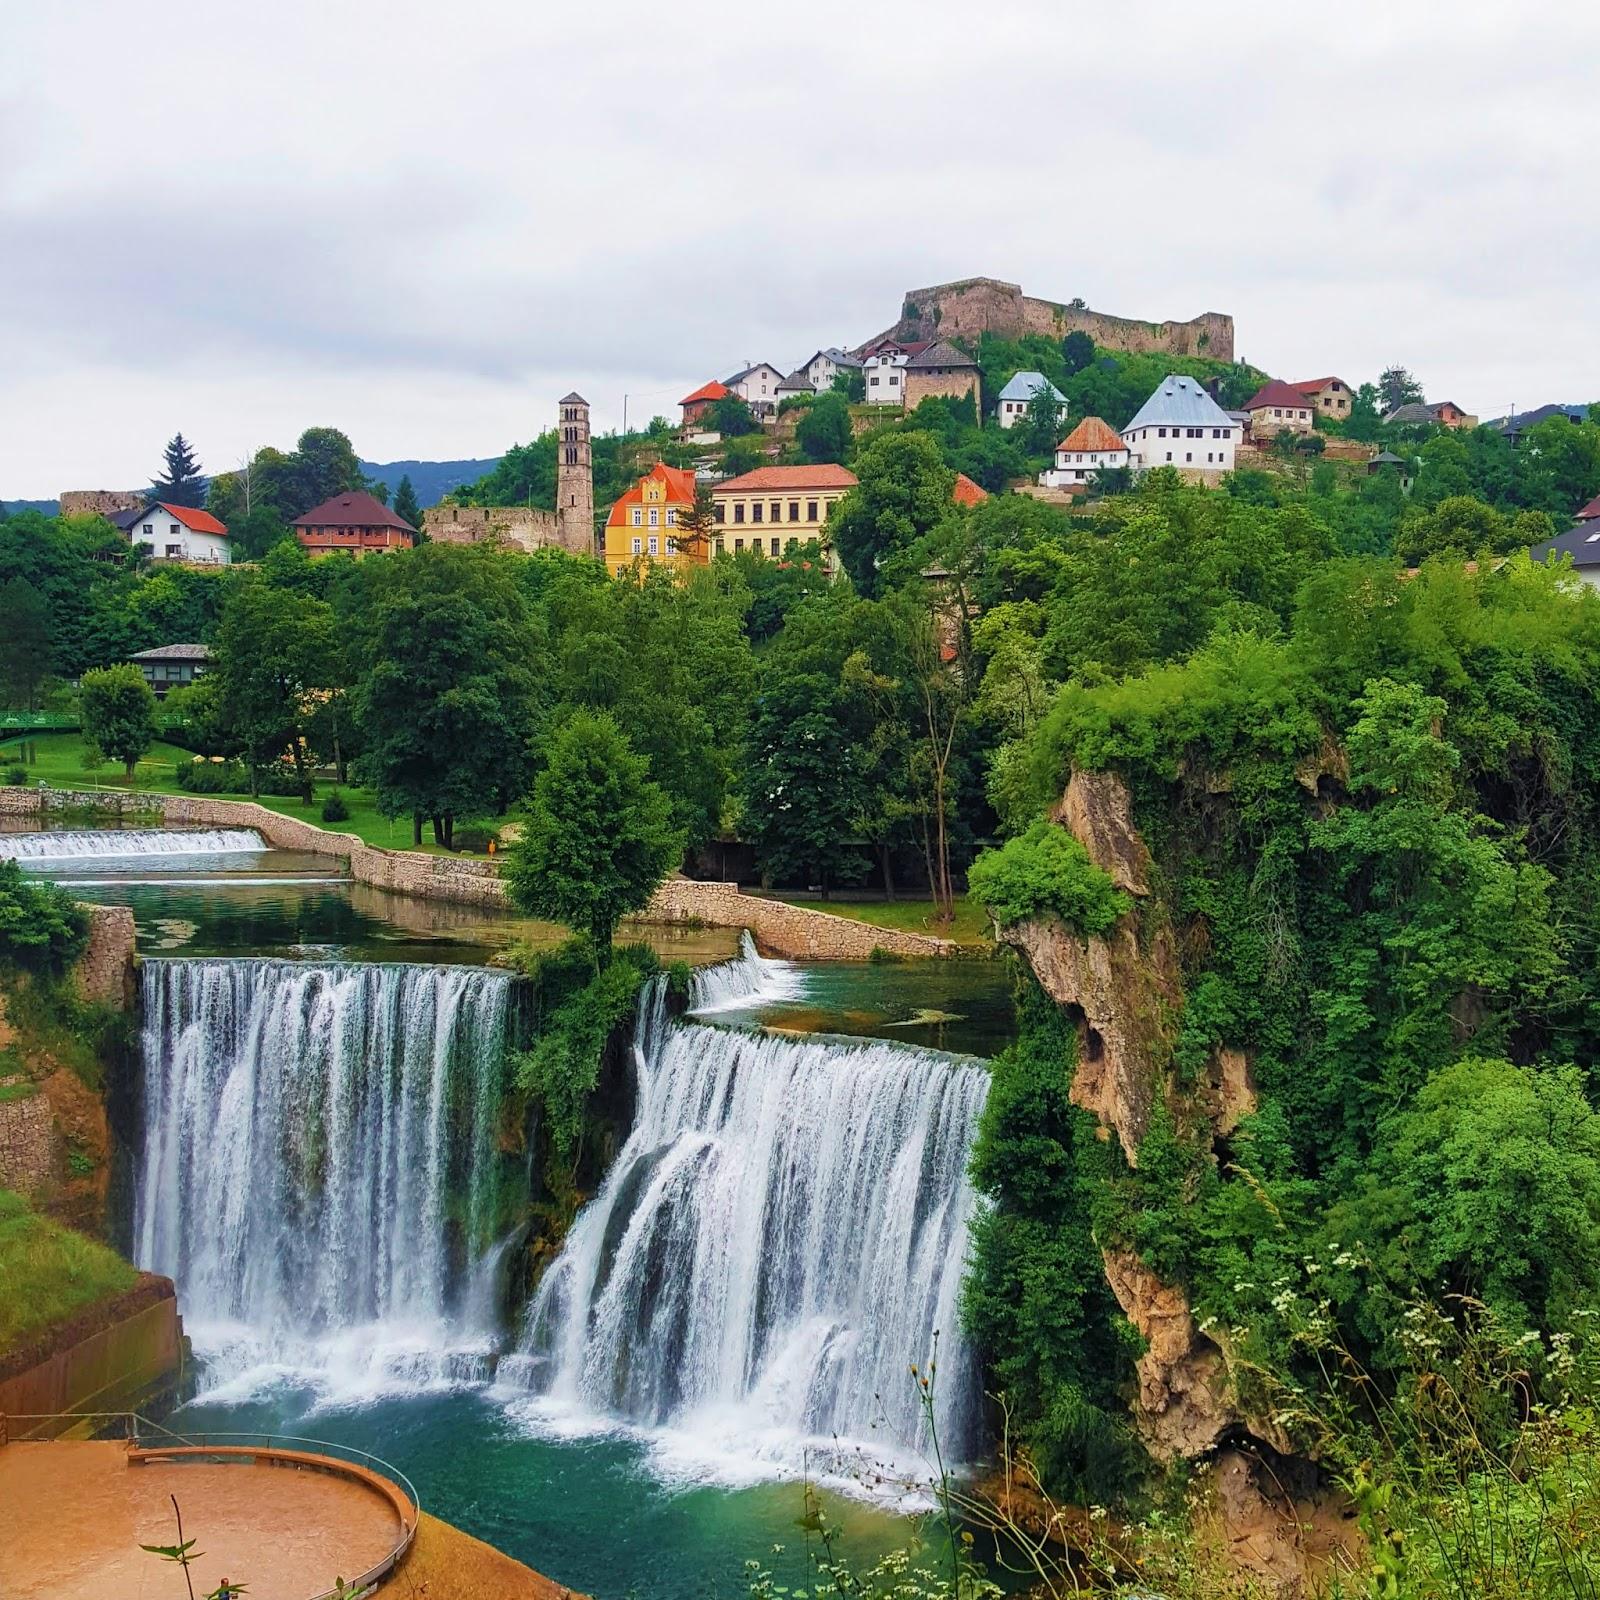 Putovanja za svakoga: Vodič kroz Jajce, Bosna i Hercegovina - šta ...